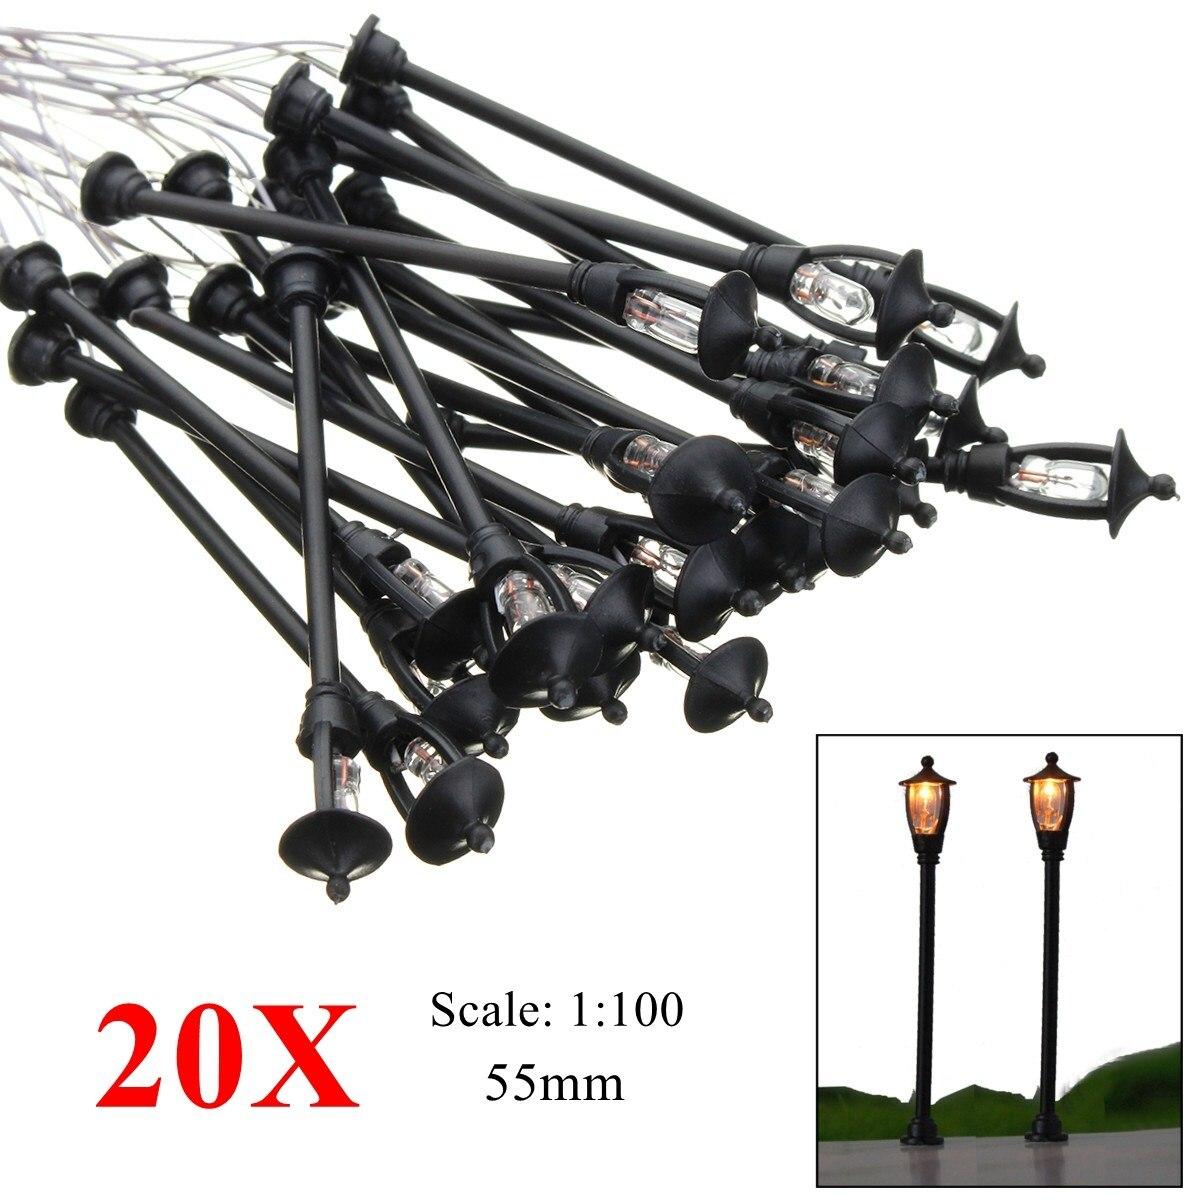 20x Garden Lamppost Lamp w// Single Head Scale 1//100 for Landscape Model Accs